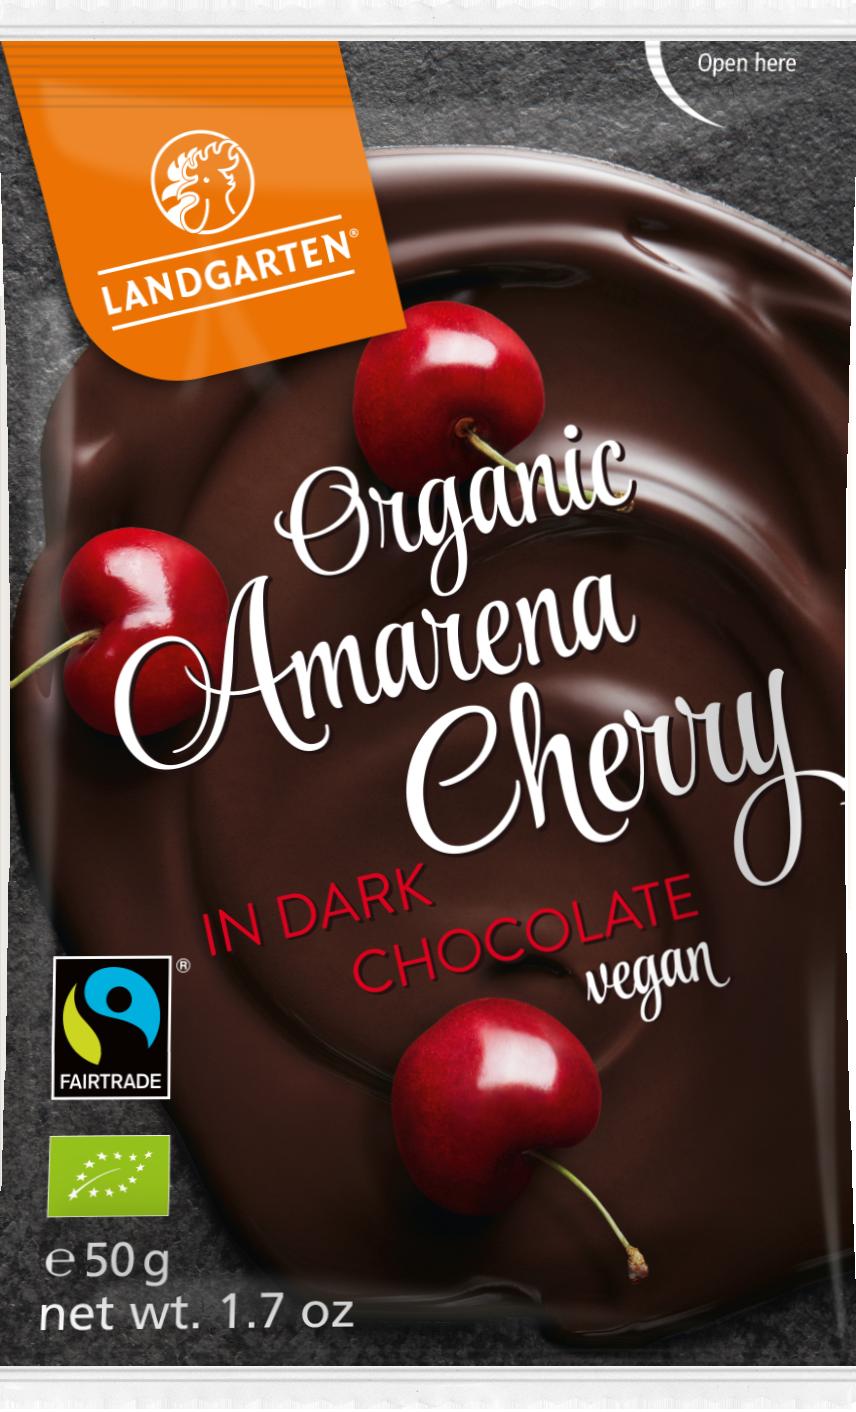 Landgarten's Organic Amarena Cherries in Dark Chocolate Vegan